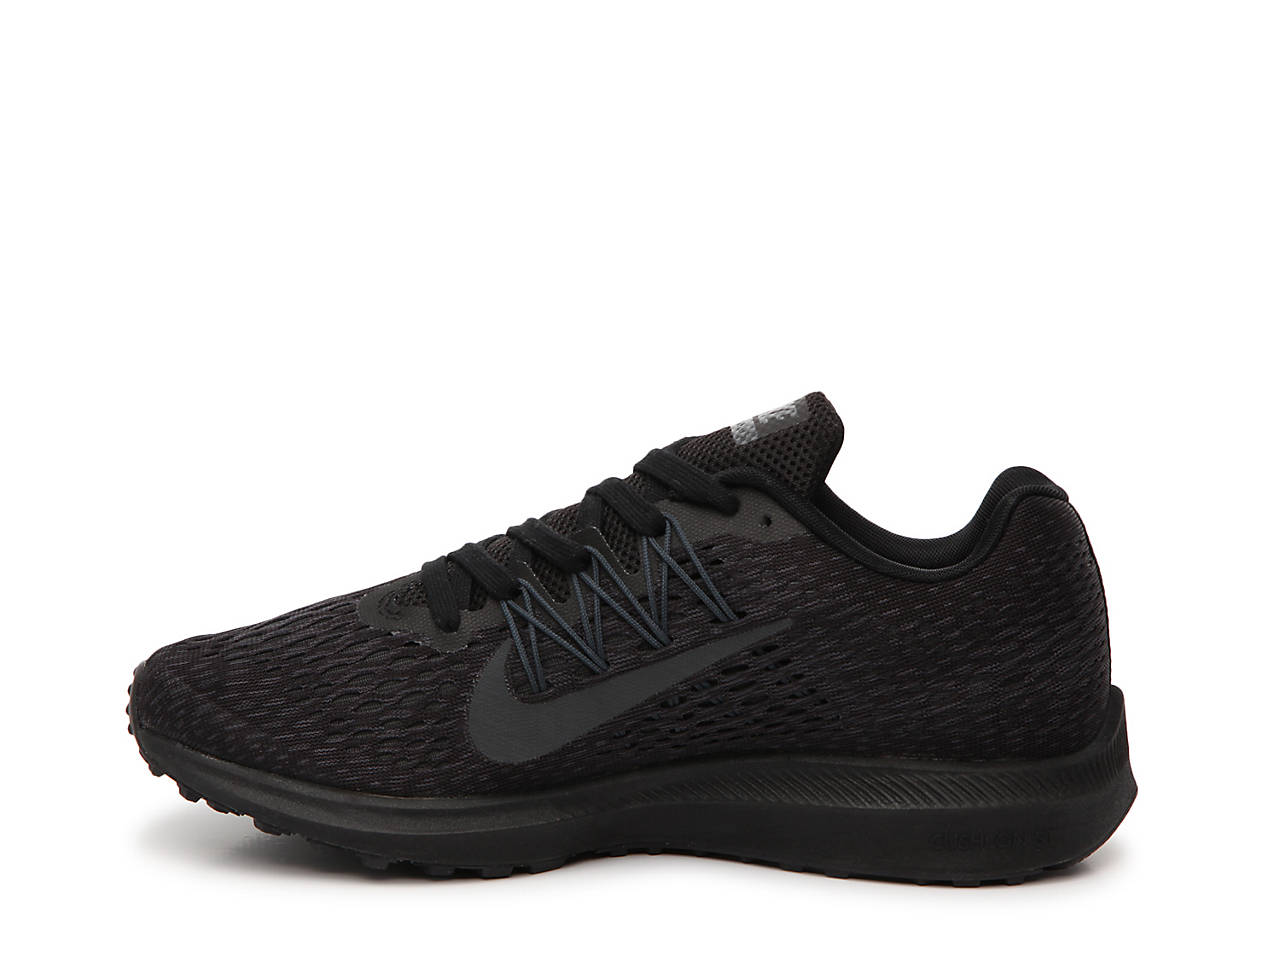 fdeb45a4a58d Nike Zoom Winflo 5 Running Shoe - Women s Women s Shoes